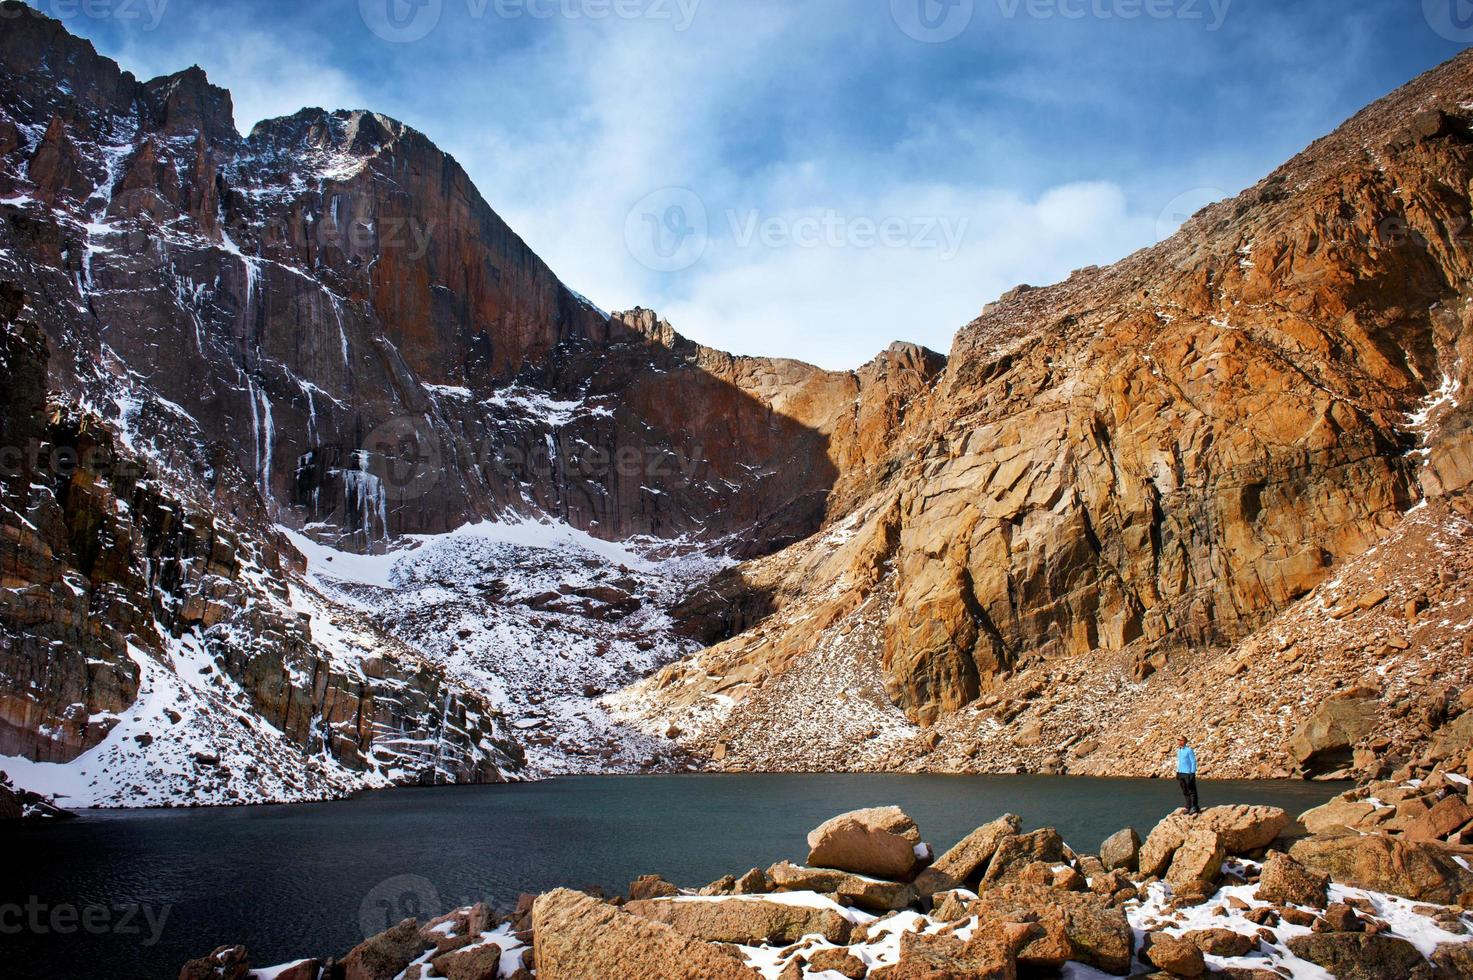 vandrare undersöker klymsjön foto